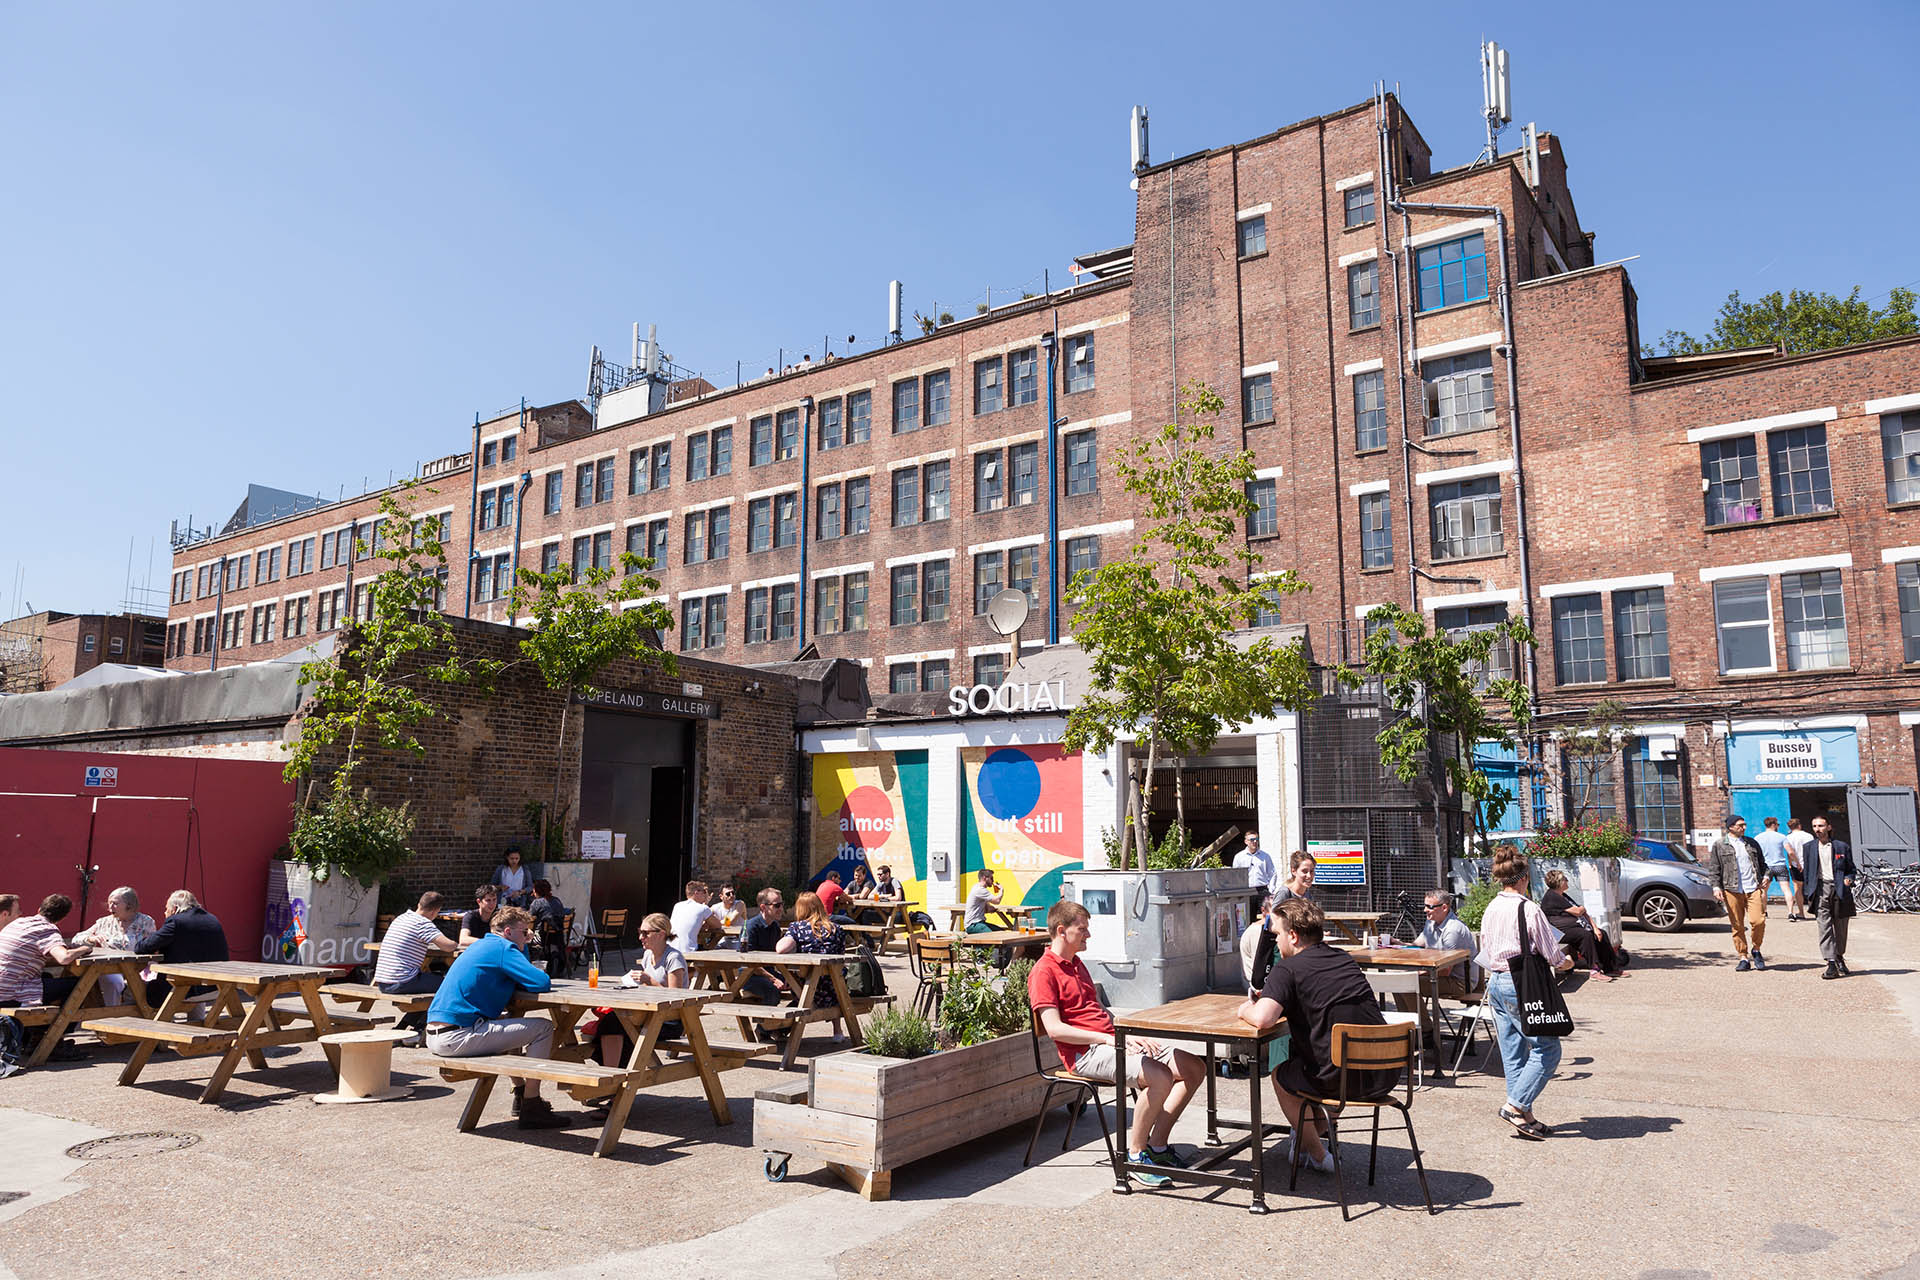 El barrio de Peckham en Londres se ha consolidado como uno de los principales puntos culturales de la capital